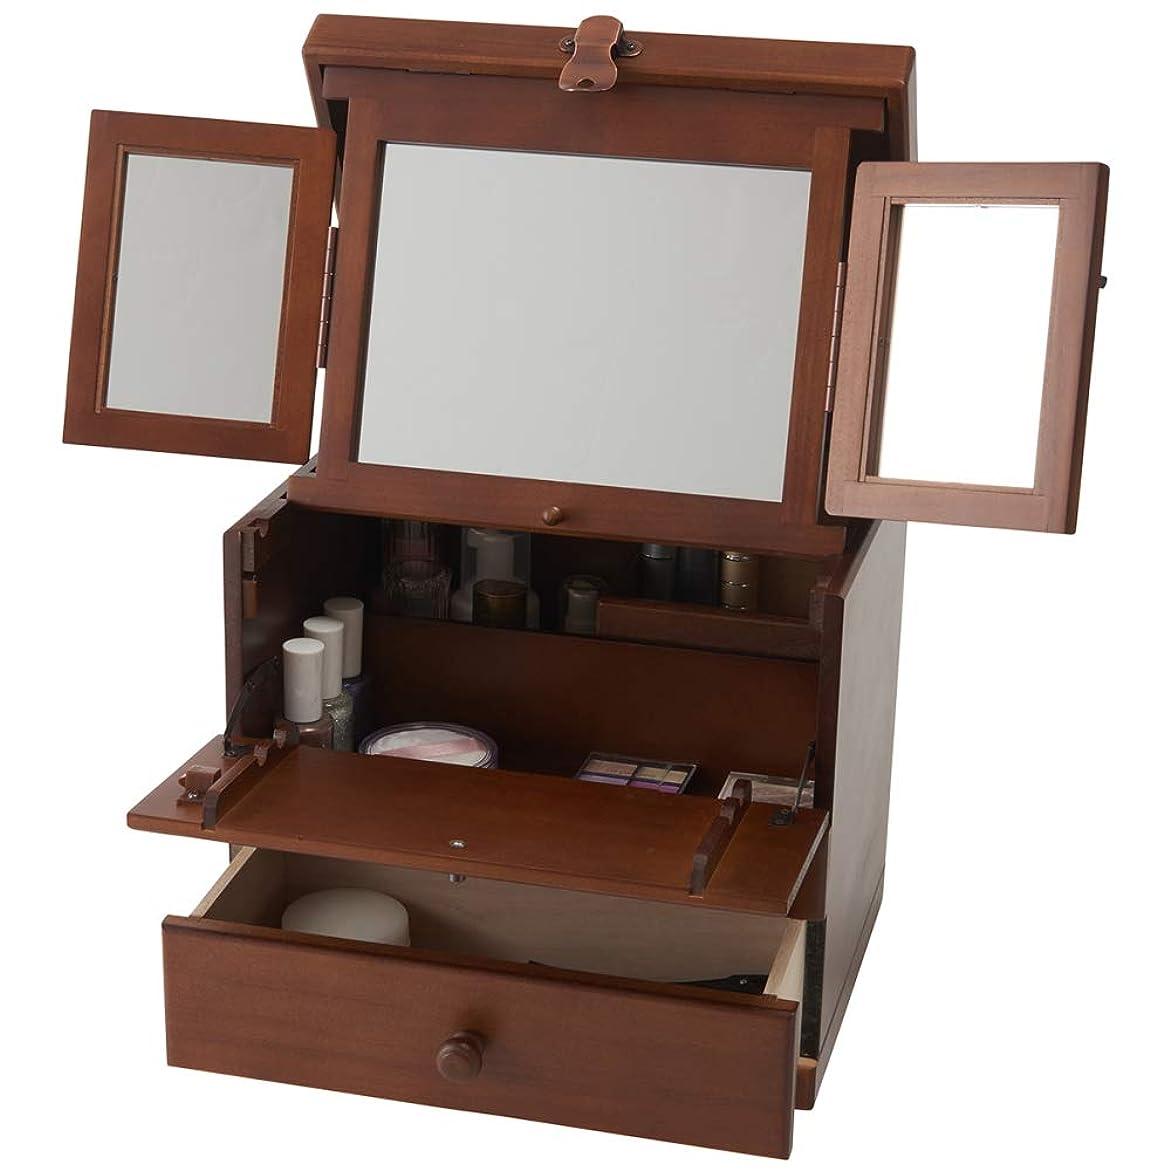 一元化する翻訳者朝食を食べる木製コスメボックス 三面鏡 持ち運び 鏡付き 化粧ボックス メイクボックス 日本製